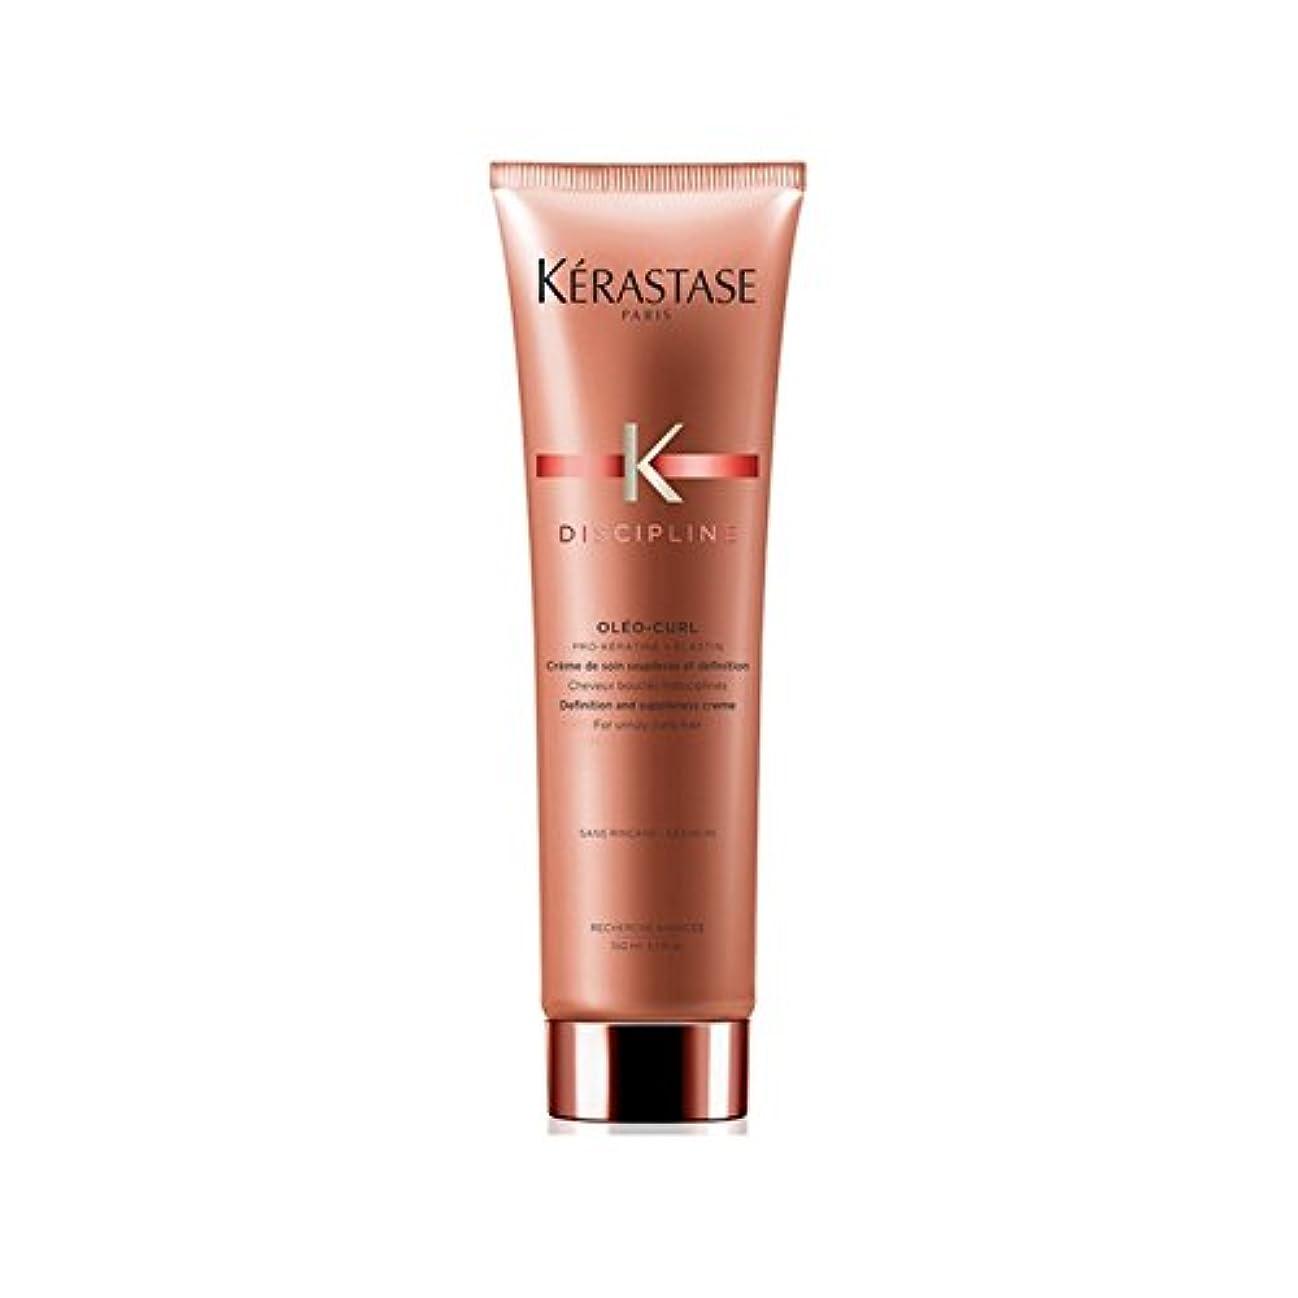 応用社会シリアルK?rastase Discipline Curl Ideal Cleansing Conditioner 400ml (Pack of 6) - 理想的なクレンジングコンディショナー400ミリリットルカールケラスターゼ...